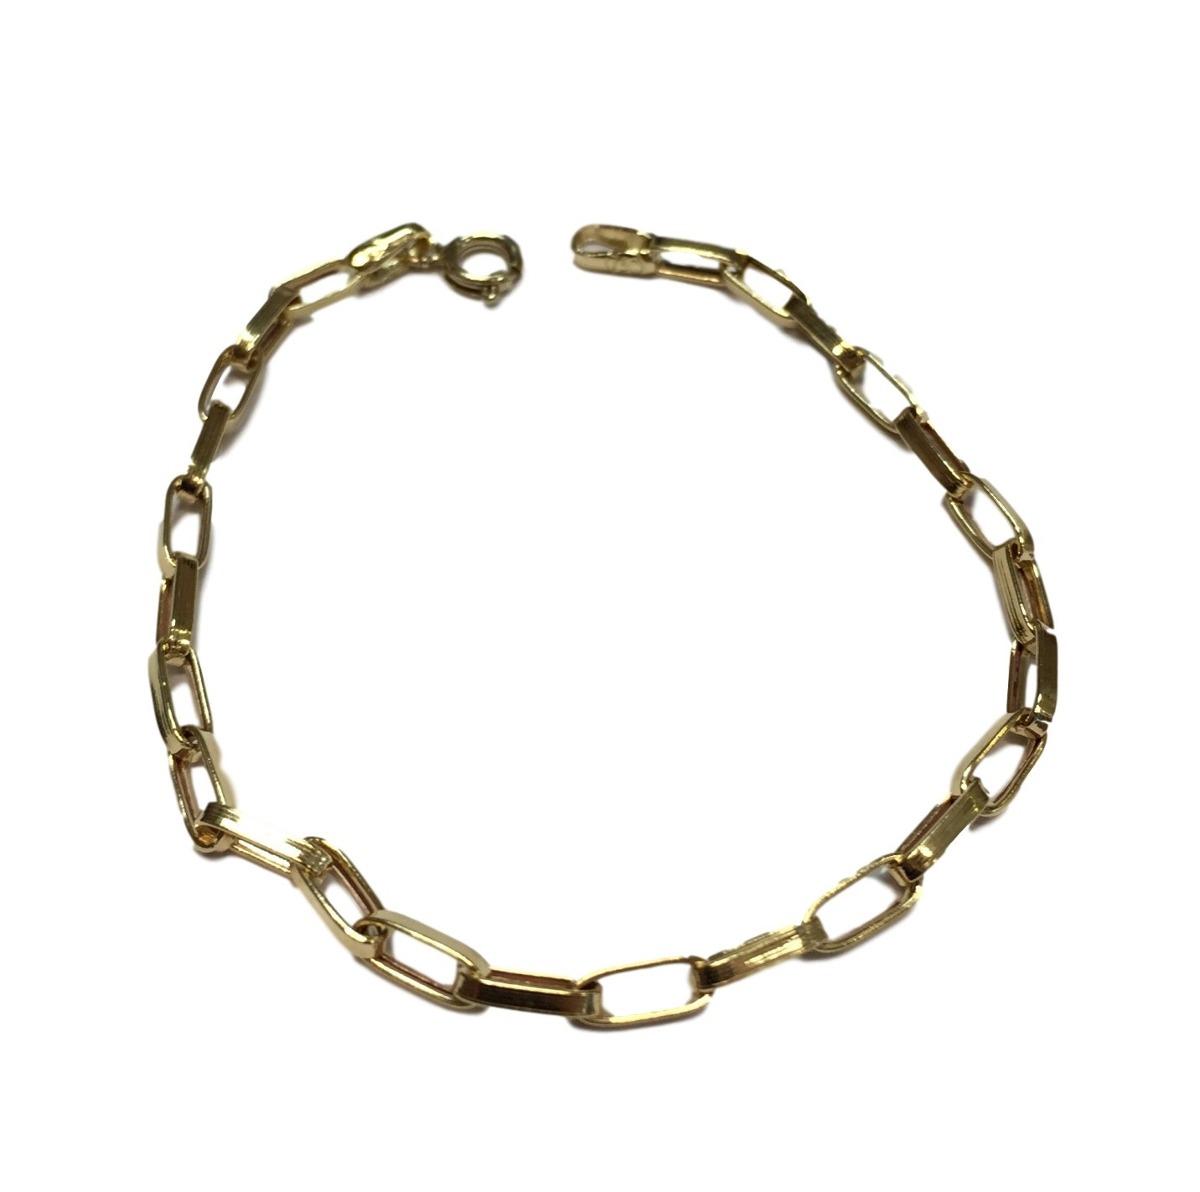 Pulseira Infantil Masculina De Ouro 18k Cartier - R  343,85 em ... 5f681050db